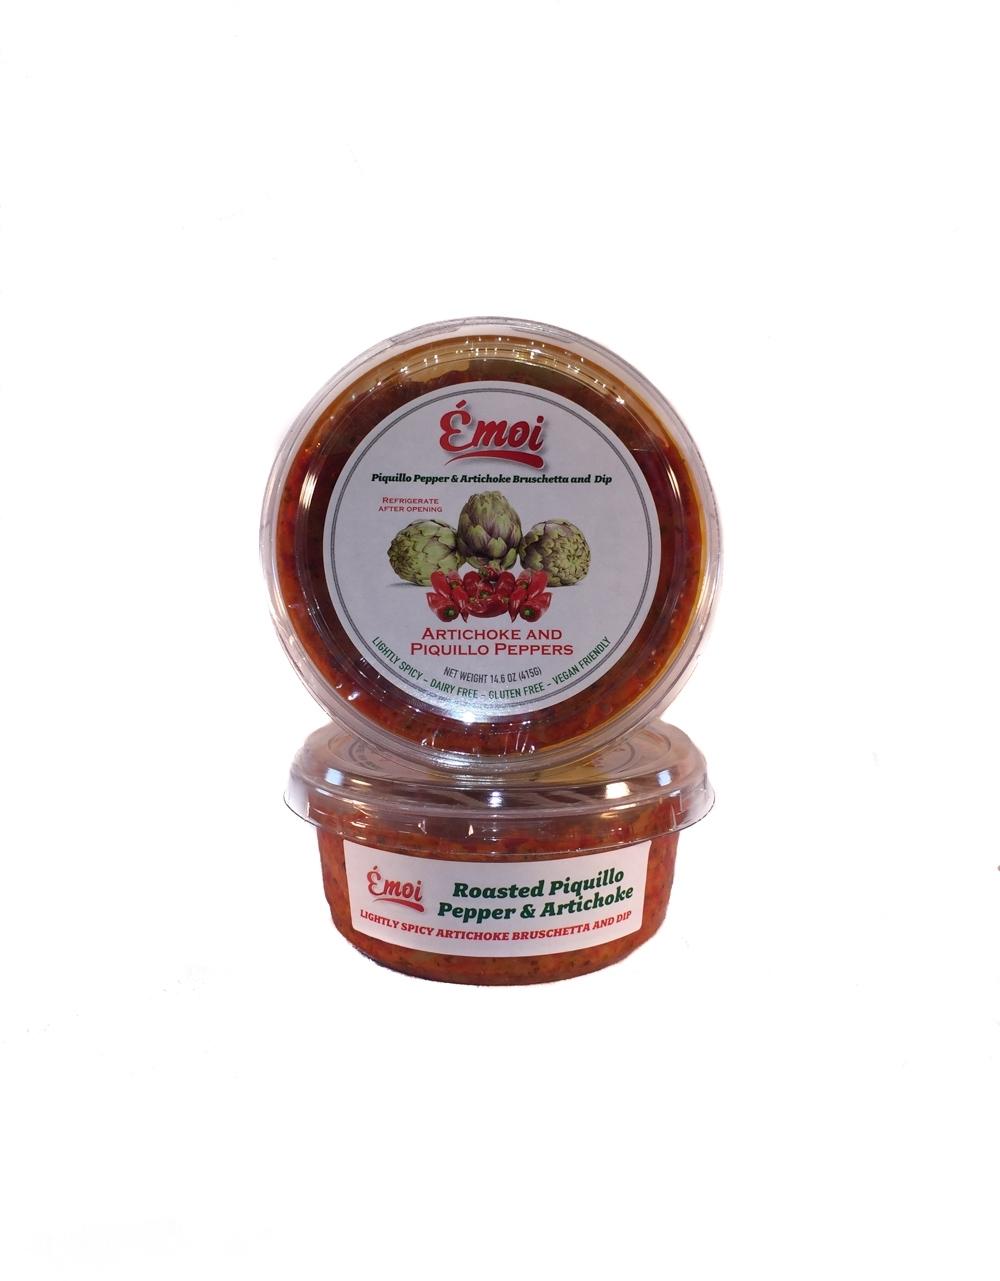 Piquillo Pepper & Artichoke Bruschetta & Dip